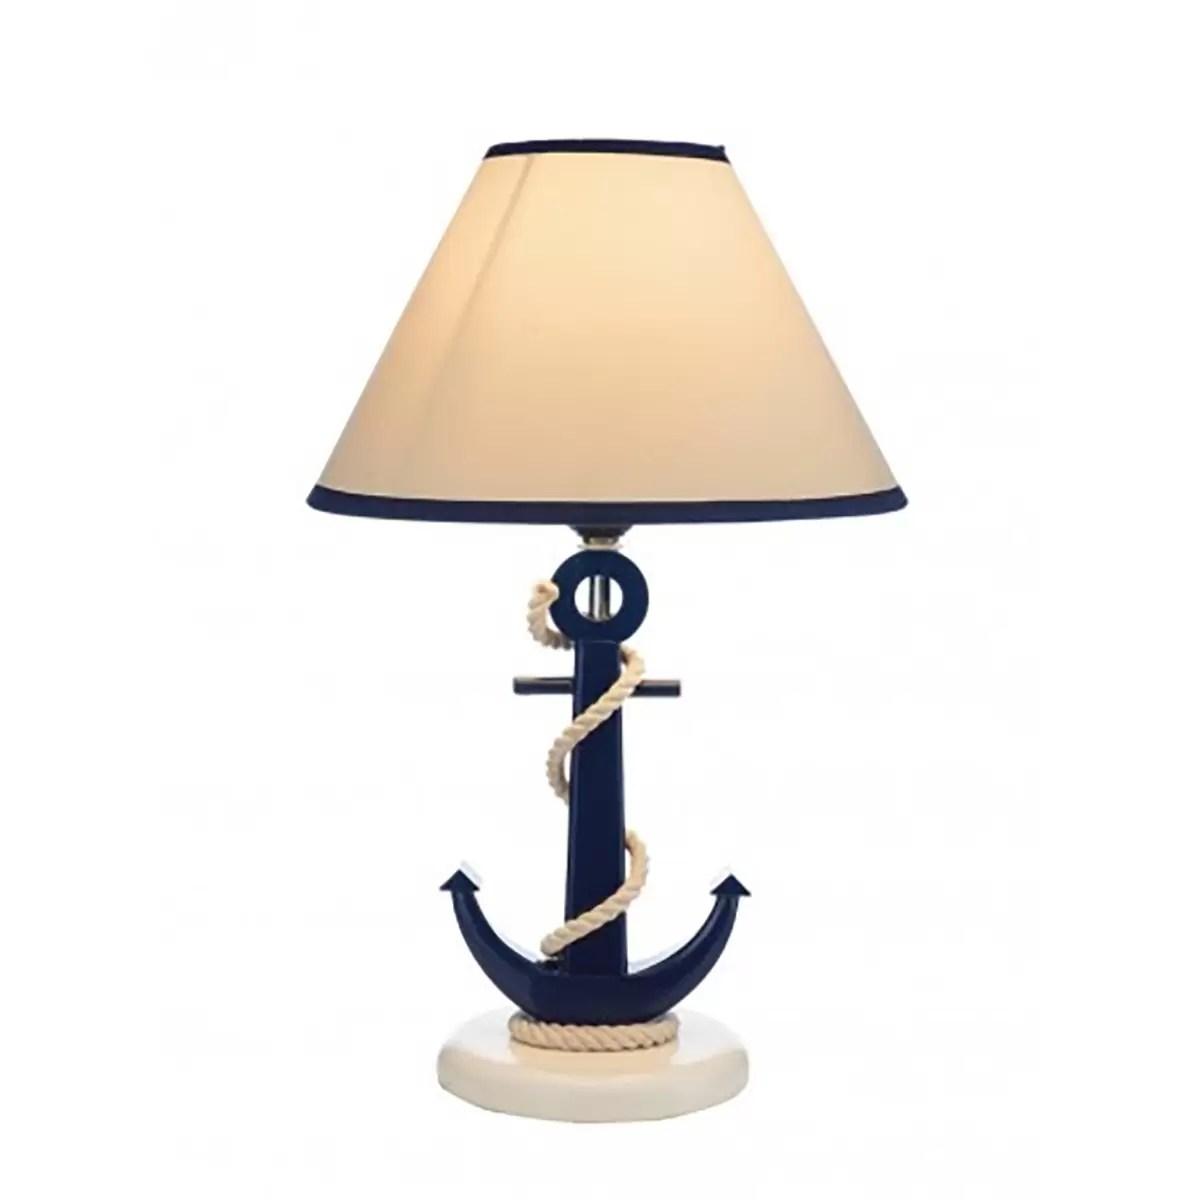 Horgonyos éjjeli lámpa 39 cm Lámpa